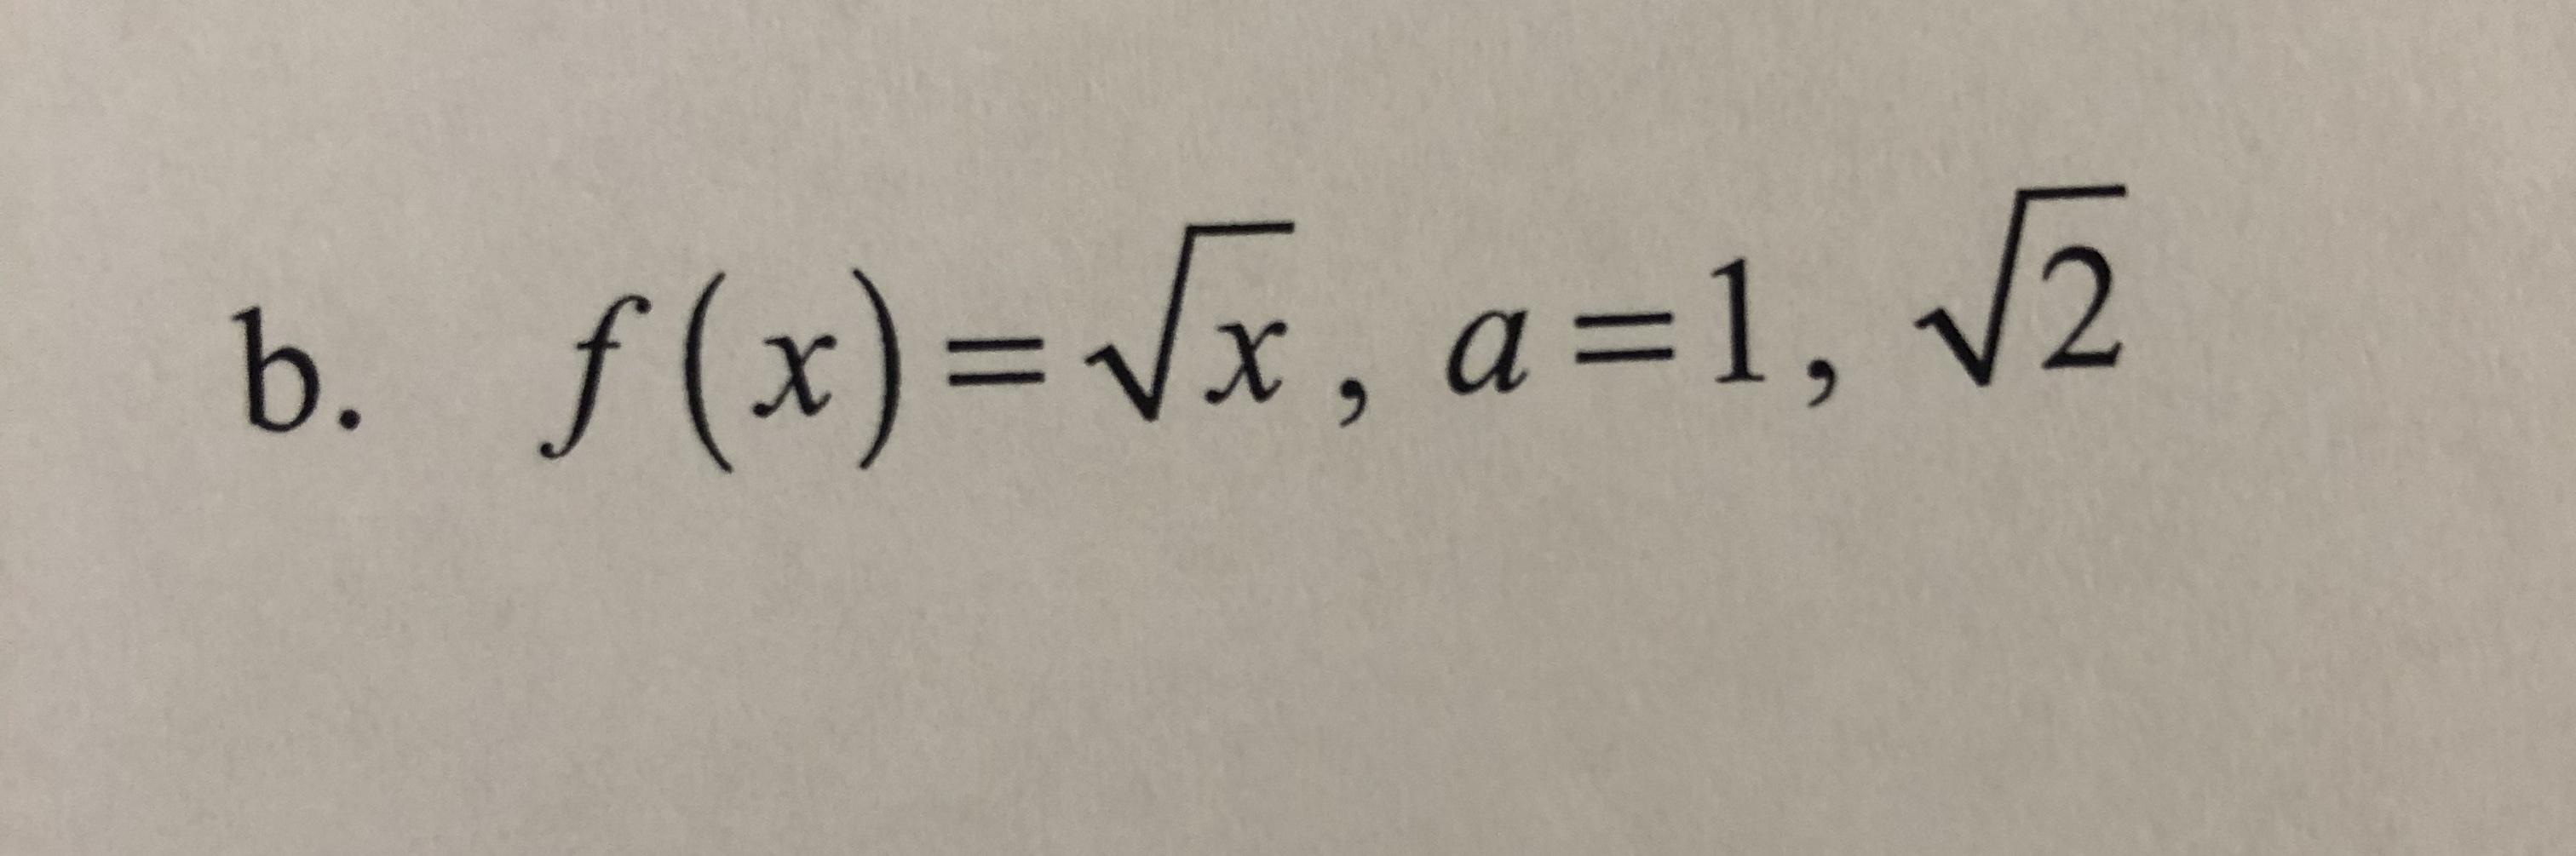 b. f(x)= x, a=1, v2